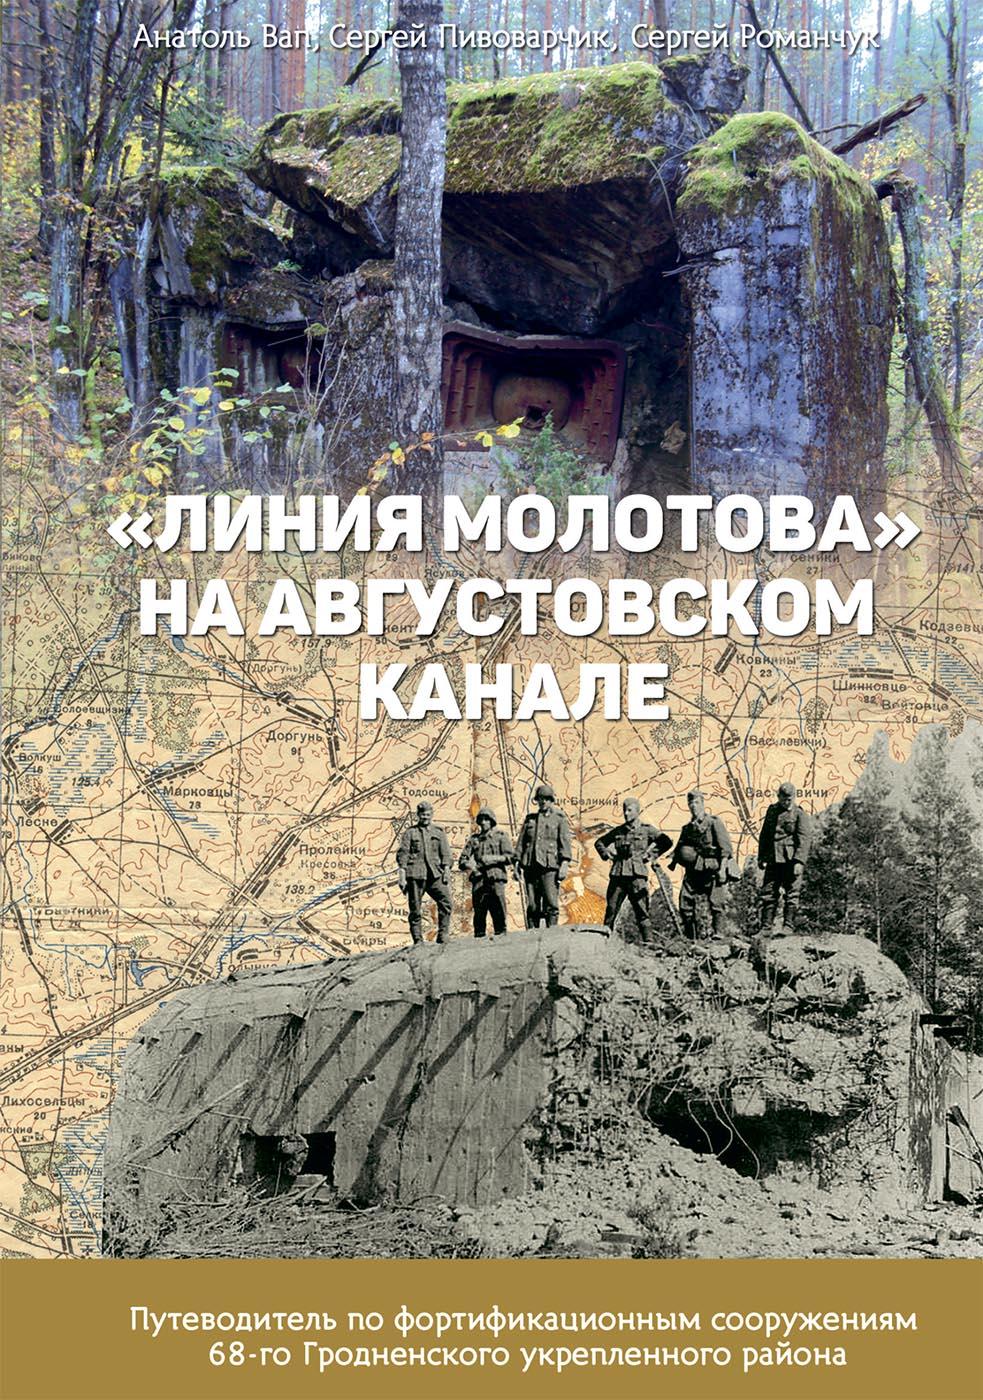 Анатоль Вап, Сергей Пивоварчик, Сергей Романчук; «